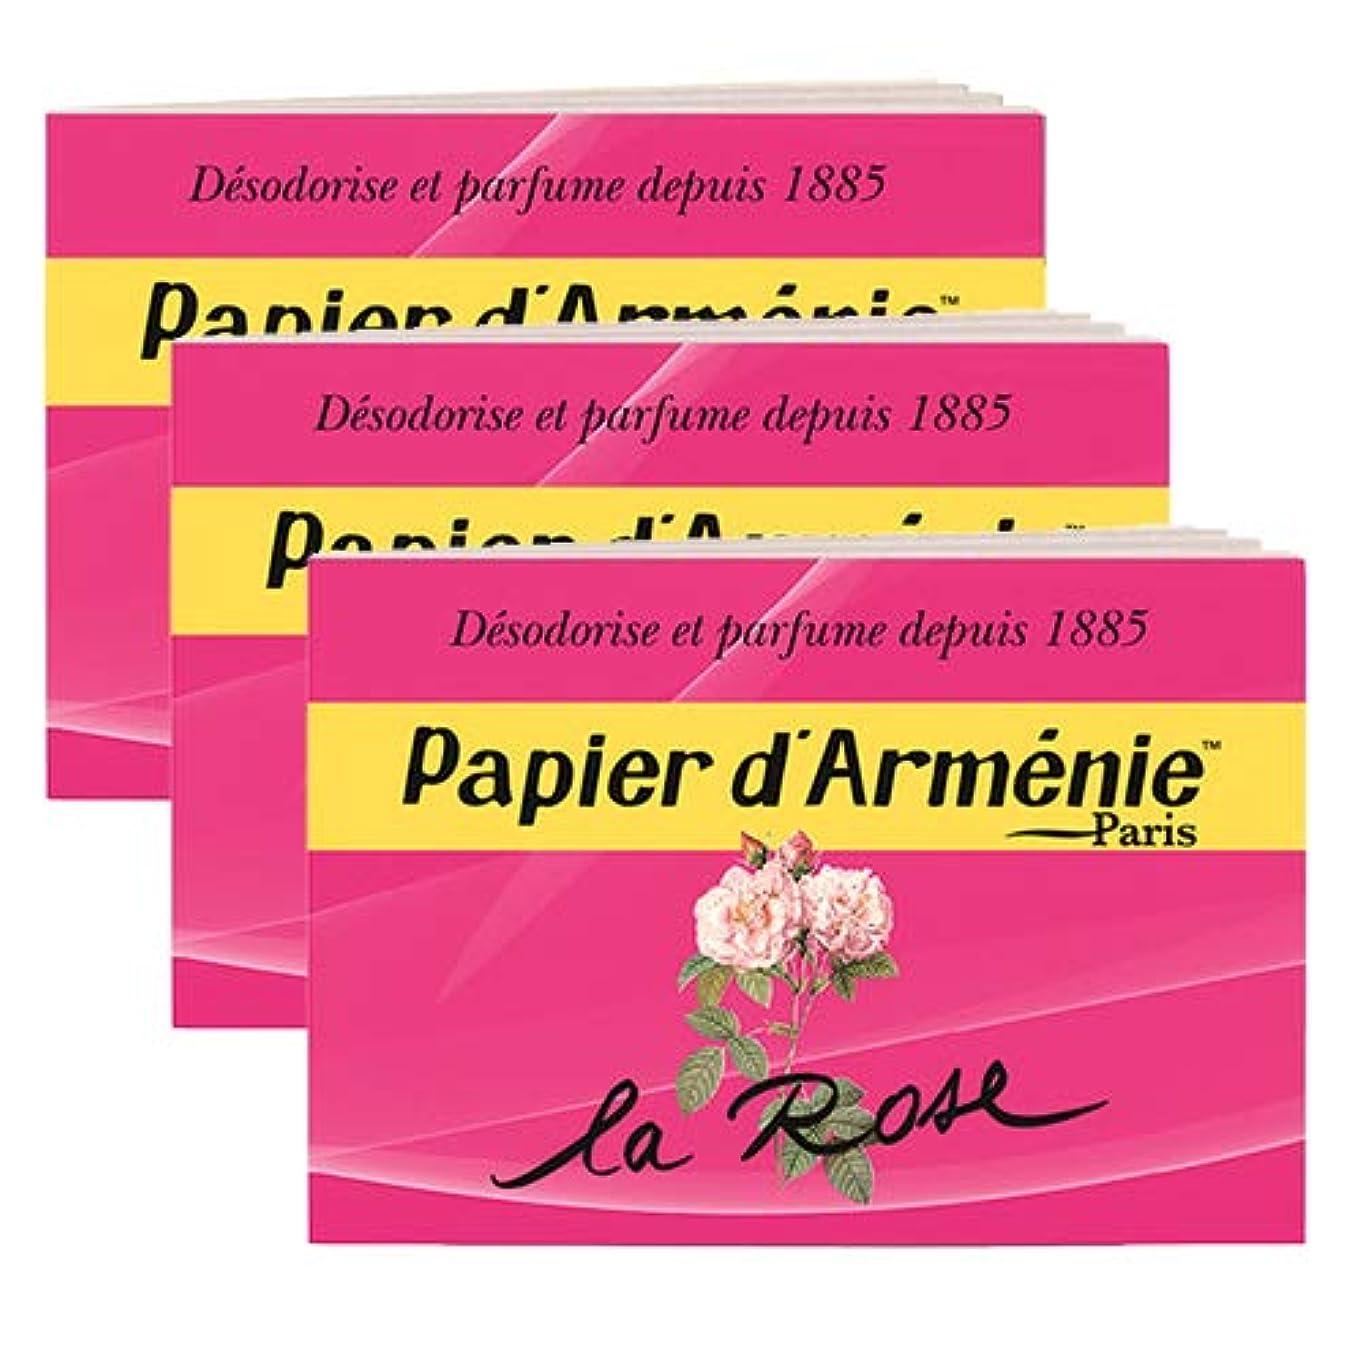 唯物論回転させるファーム【パピエダルメニイ】トリプル 3×12枚(36回分) 3個セット ローズ 紙のお香 インセンス アロマペーパー PAPIER D'ARMENIE [並行輸入品]